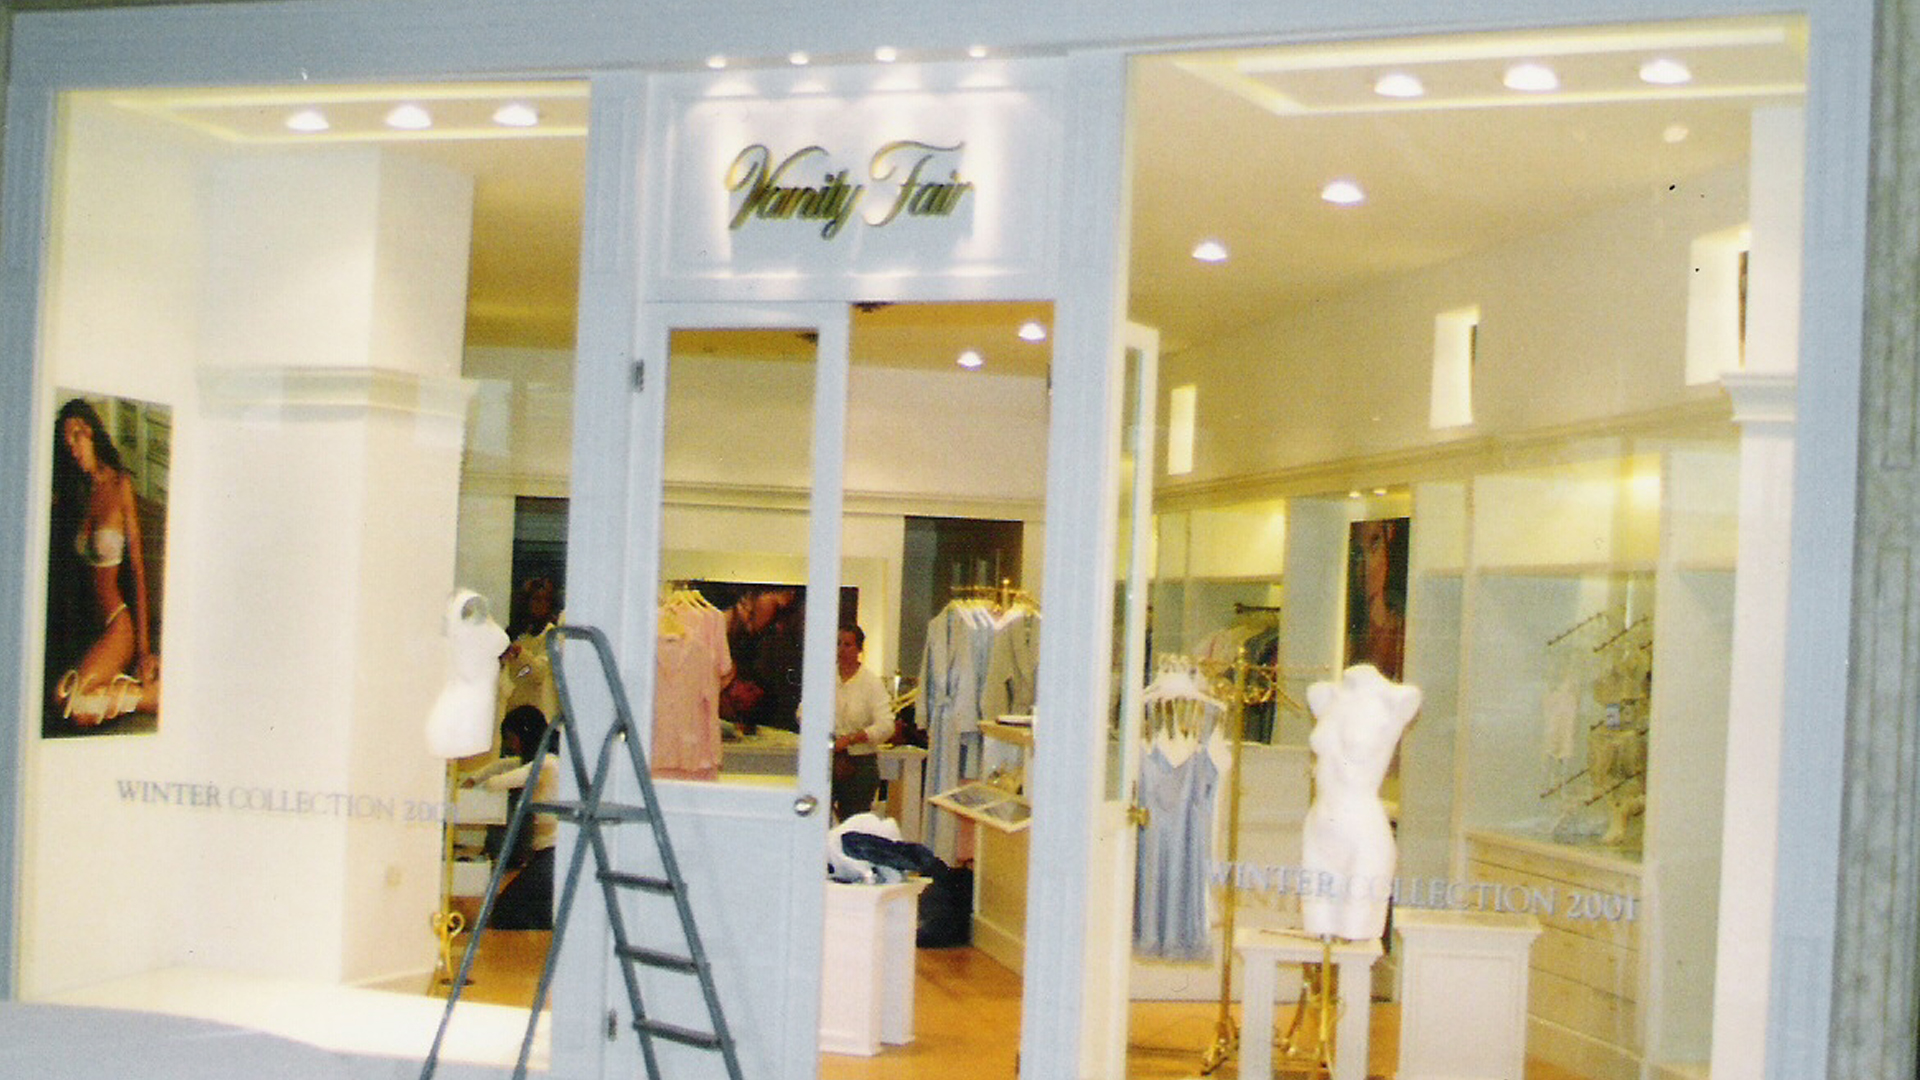 Vanity Fair: Interiorismo Locales Comerciales